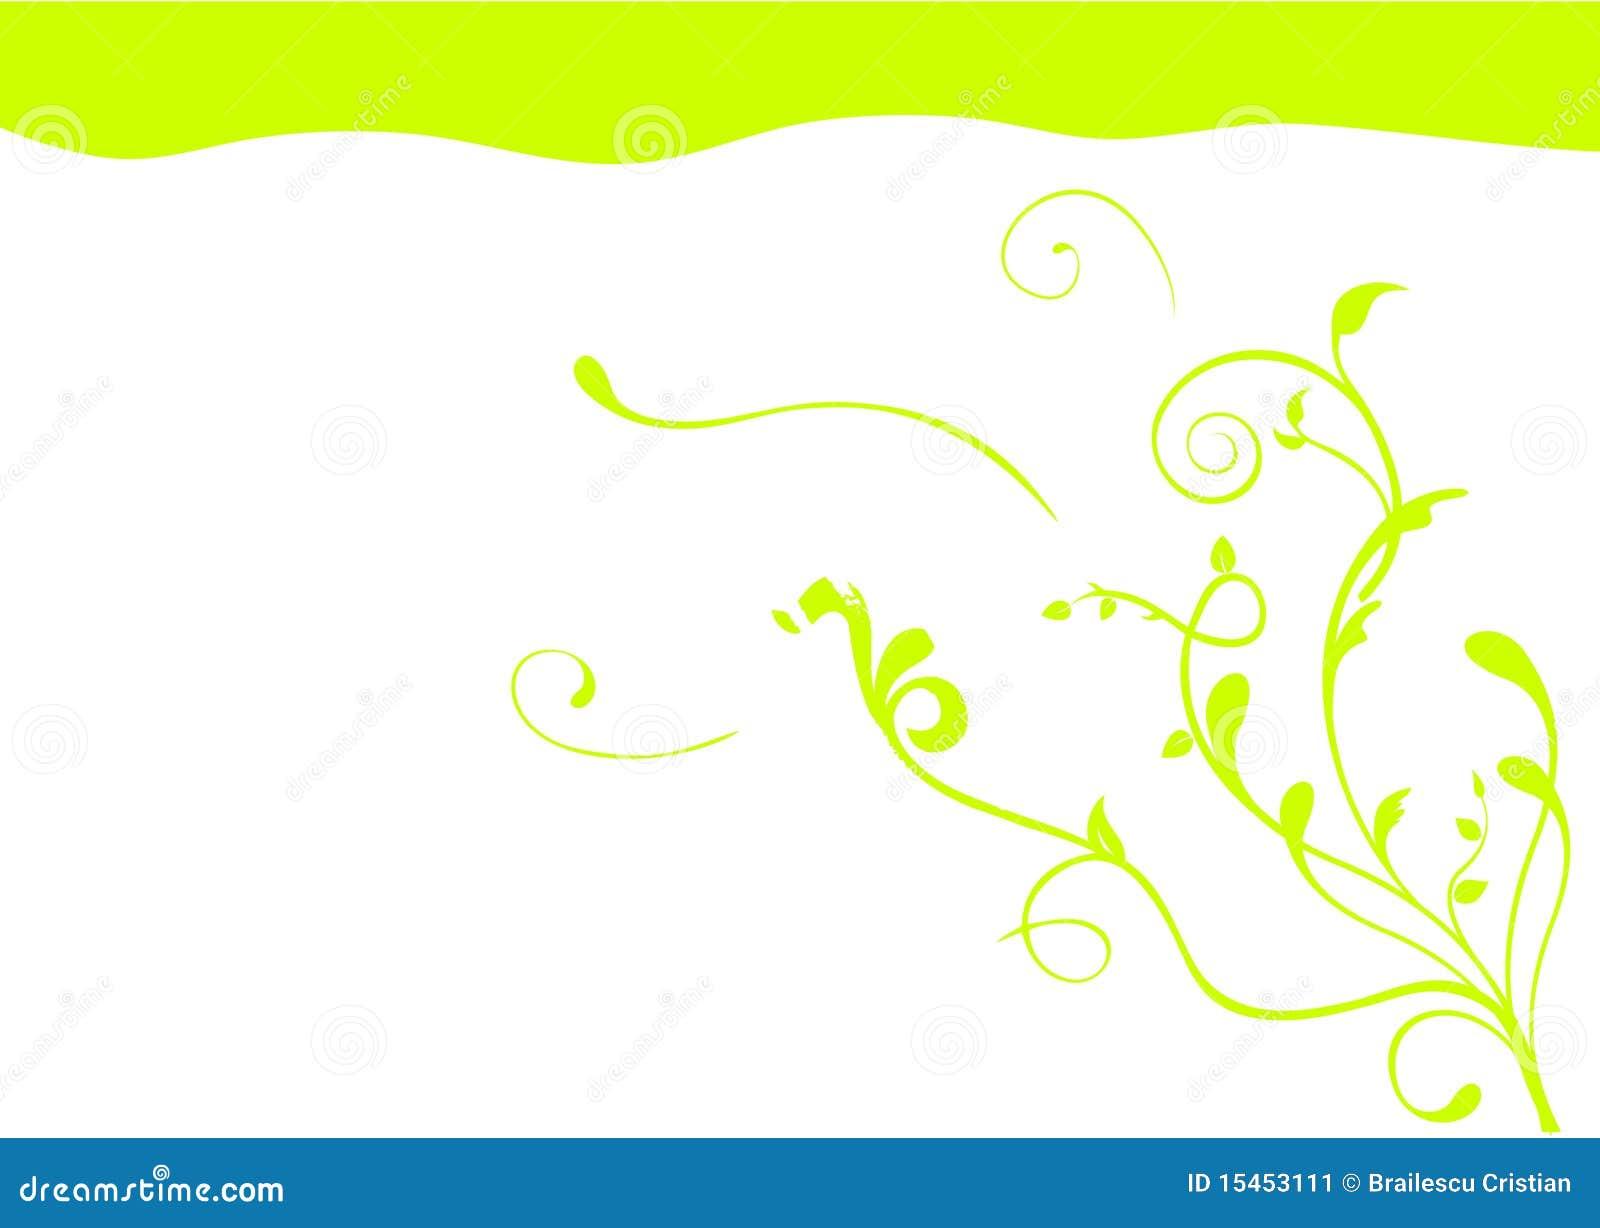 Abbildung eines abstrakten grünen Hintergrundes